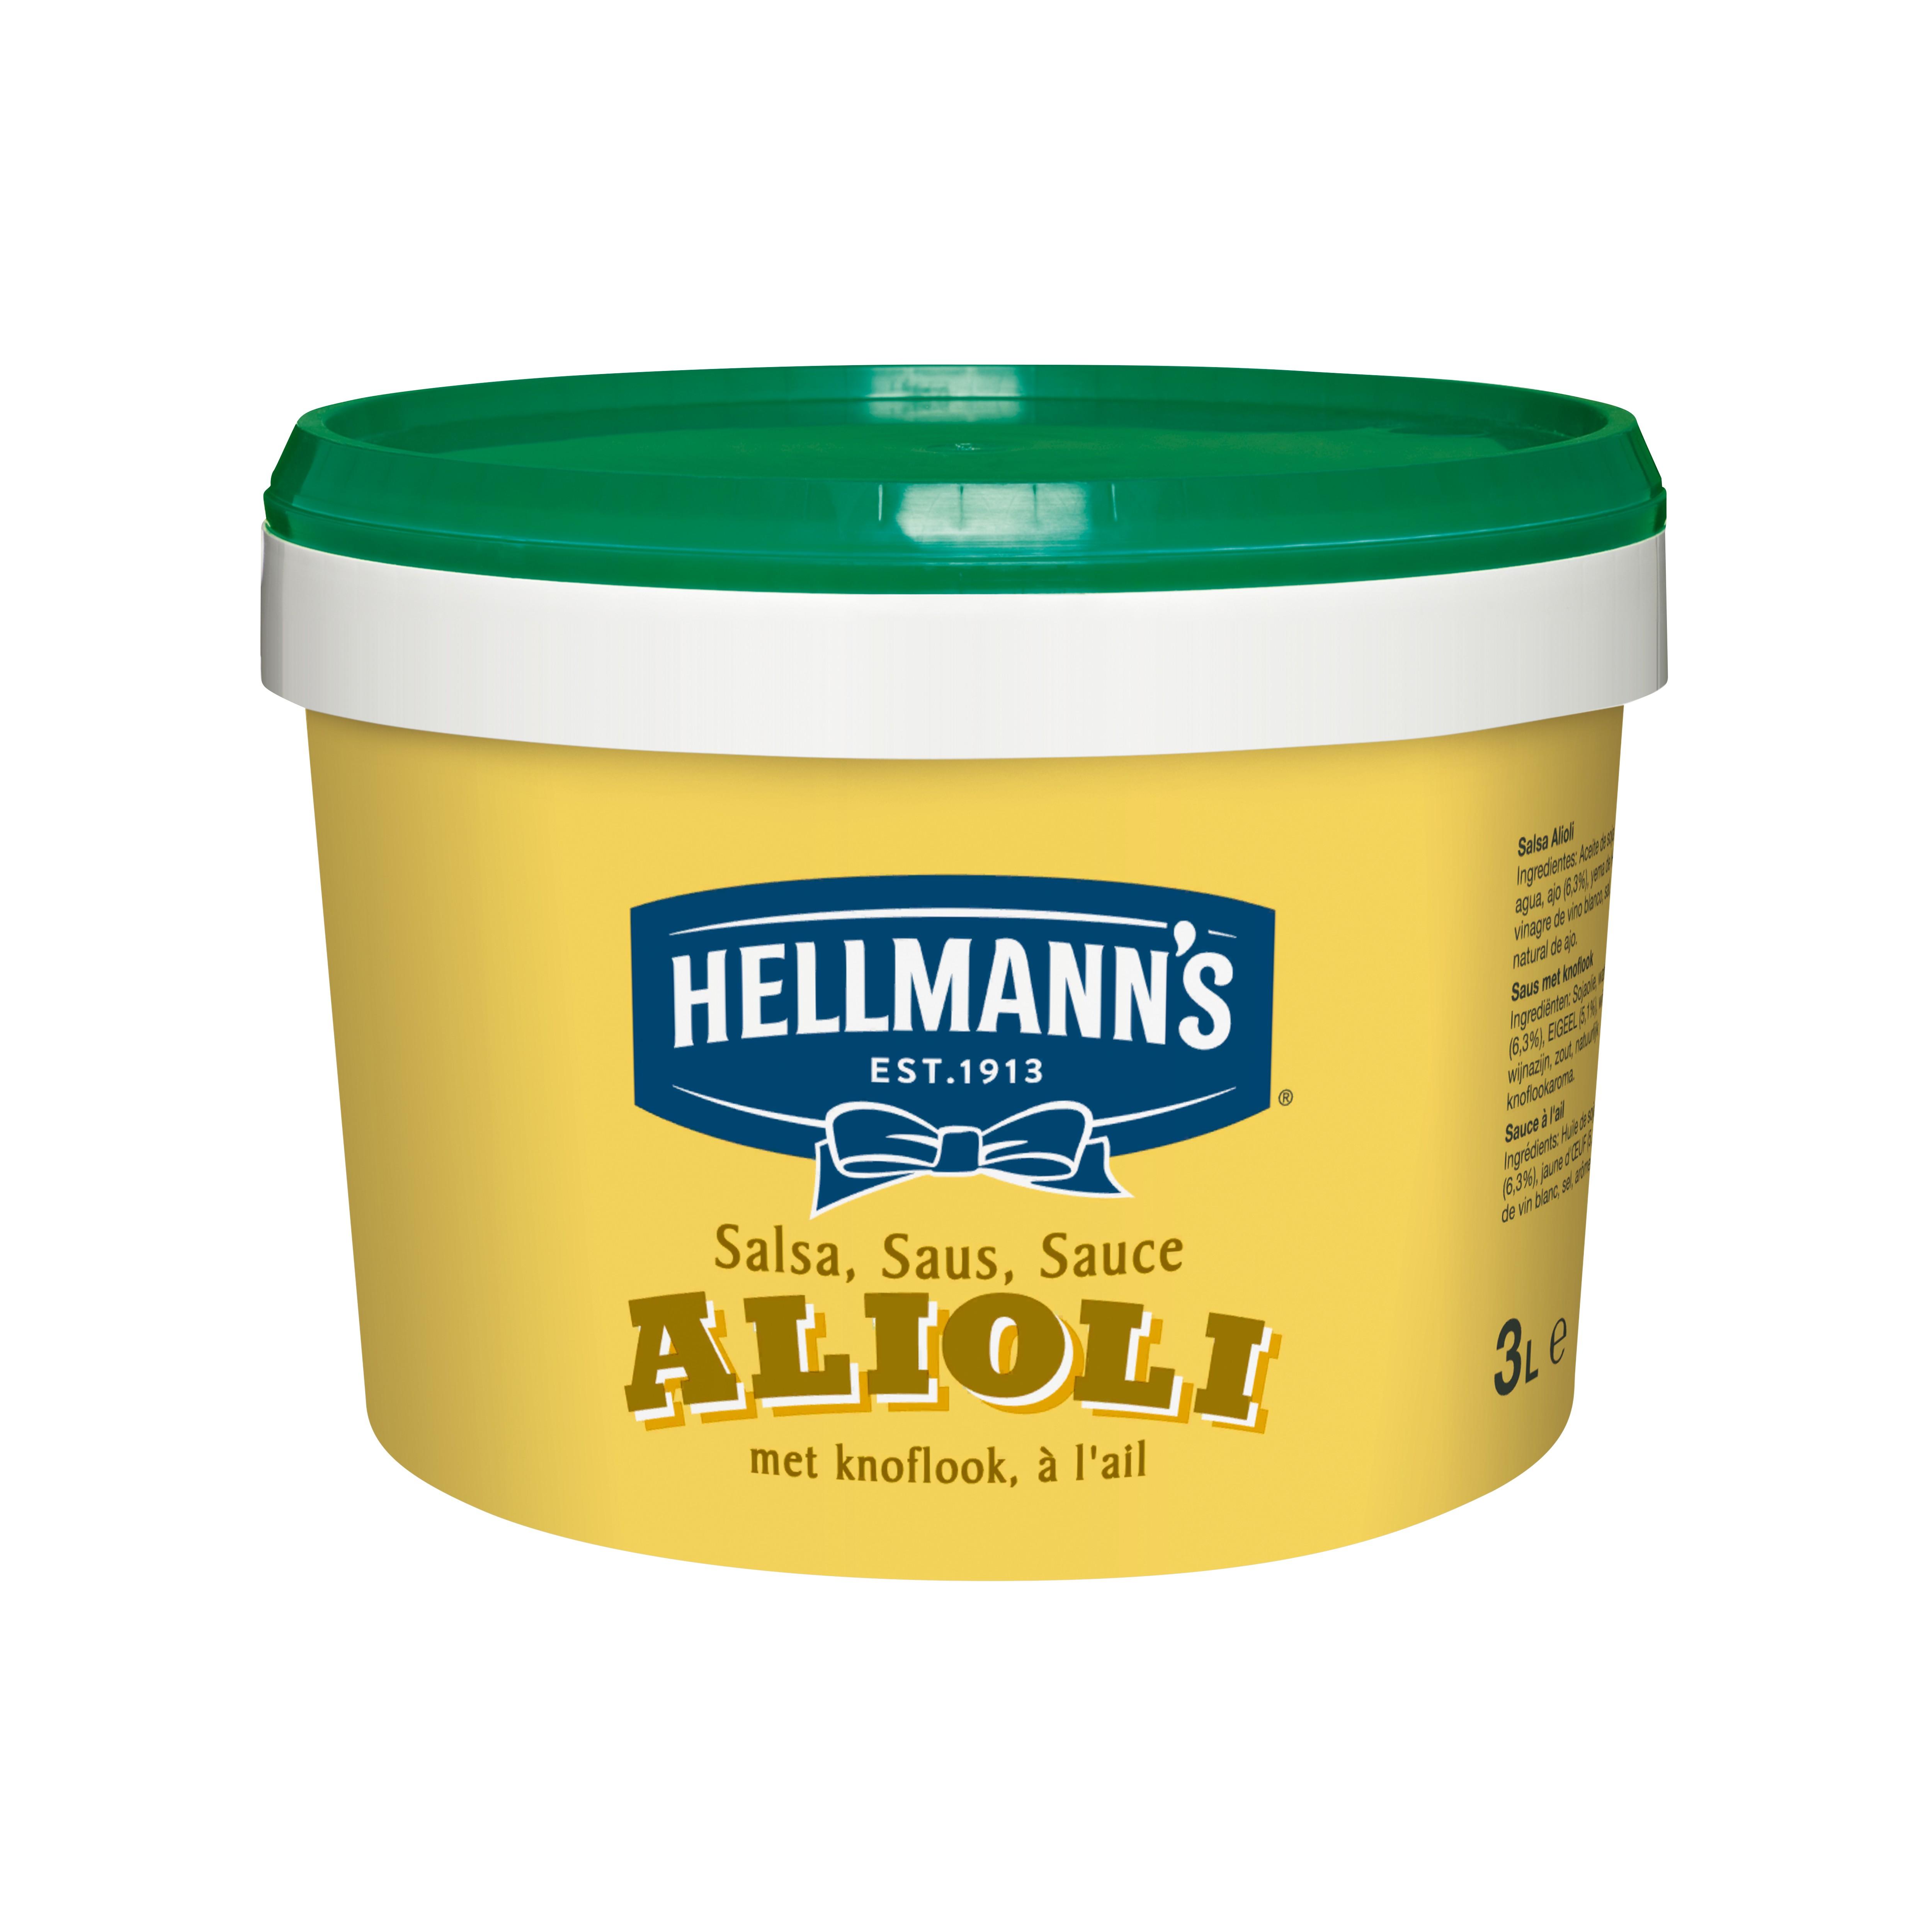 Hellmann's Aioli - Heerlijke recepten en makkelijk in gebruik: probeer nu Hellmann's Alioli